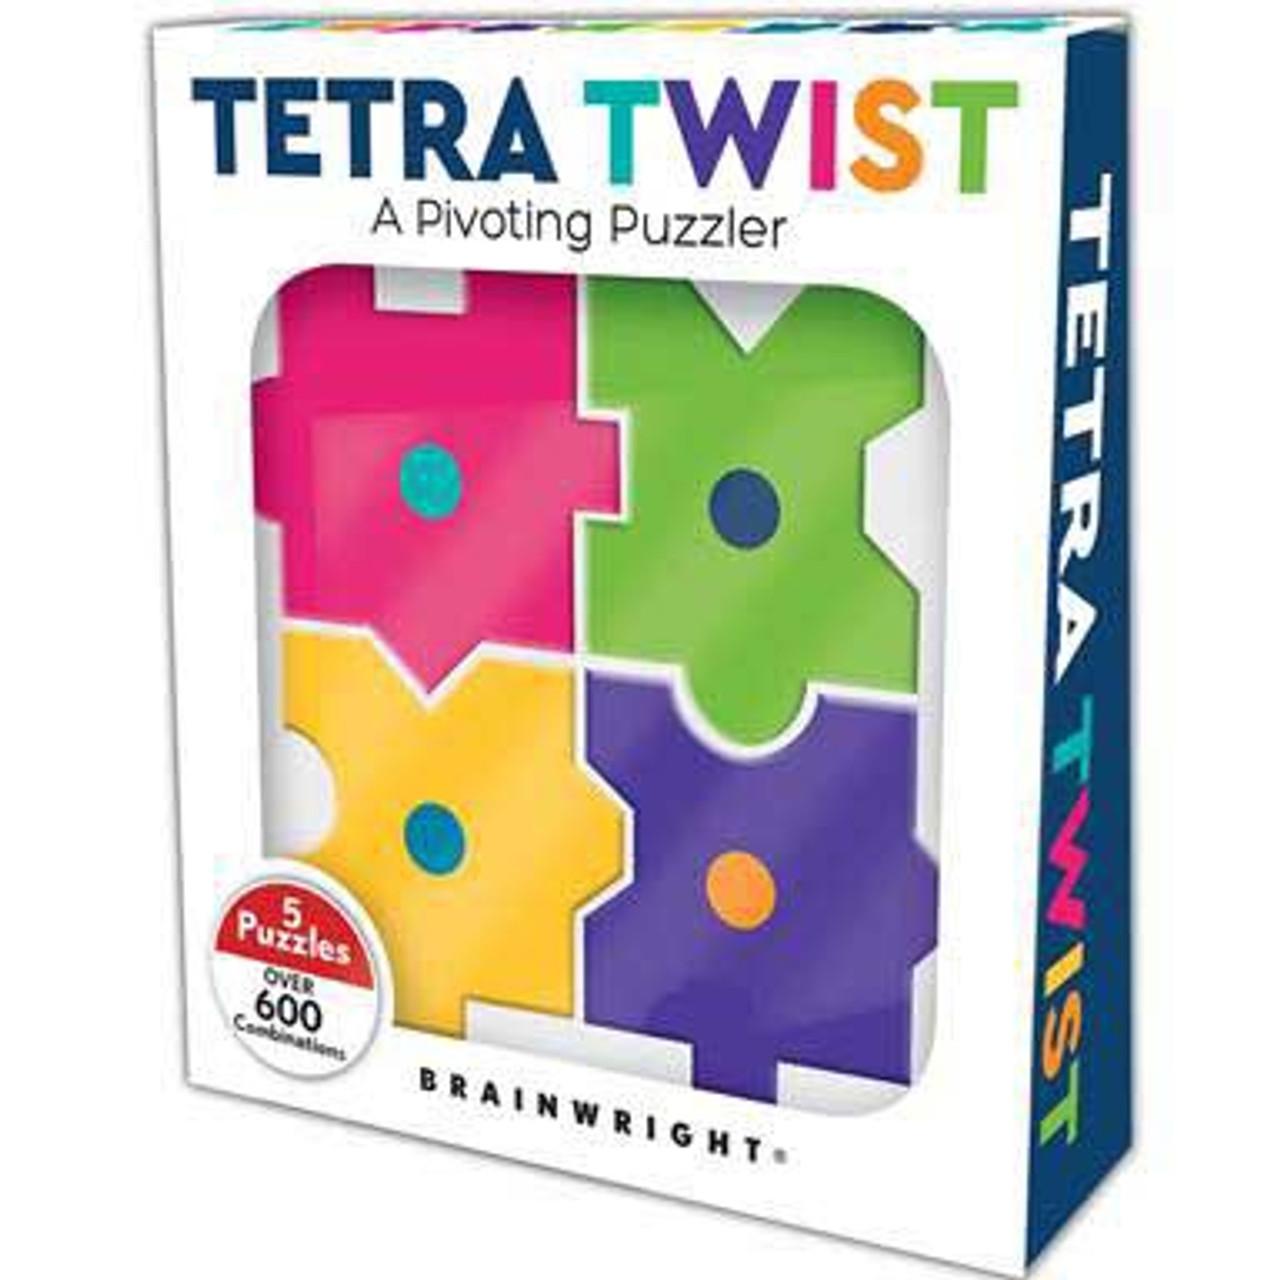 TETRA TWIST